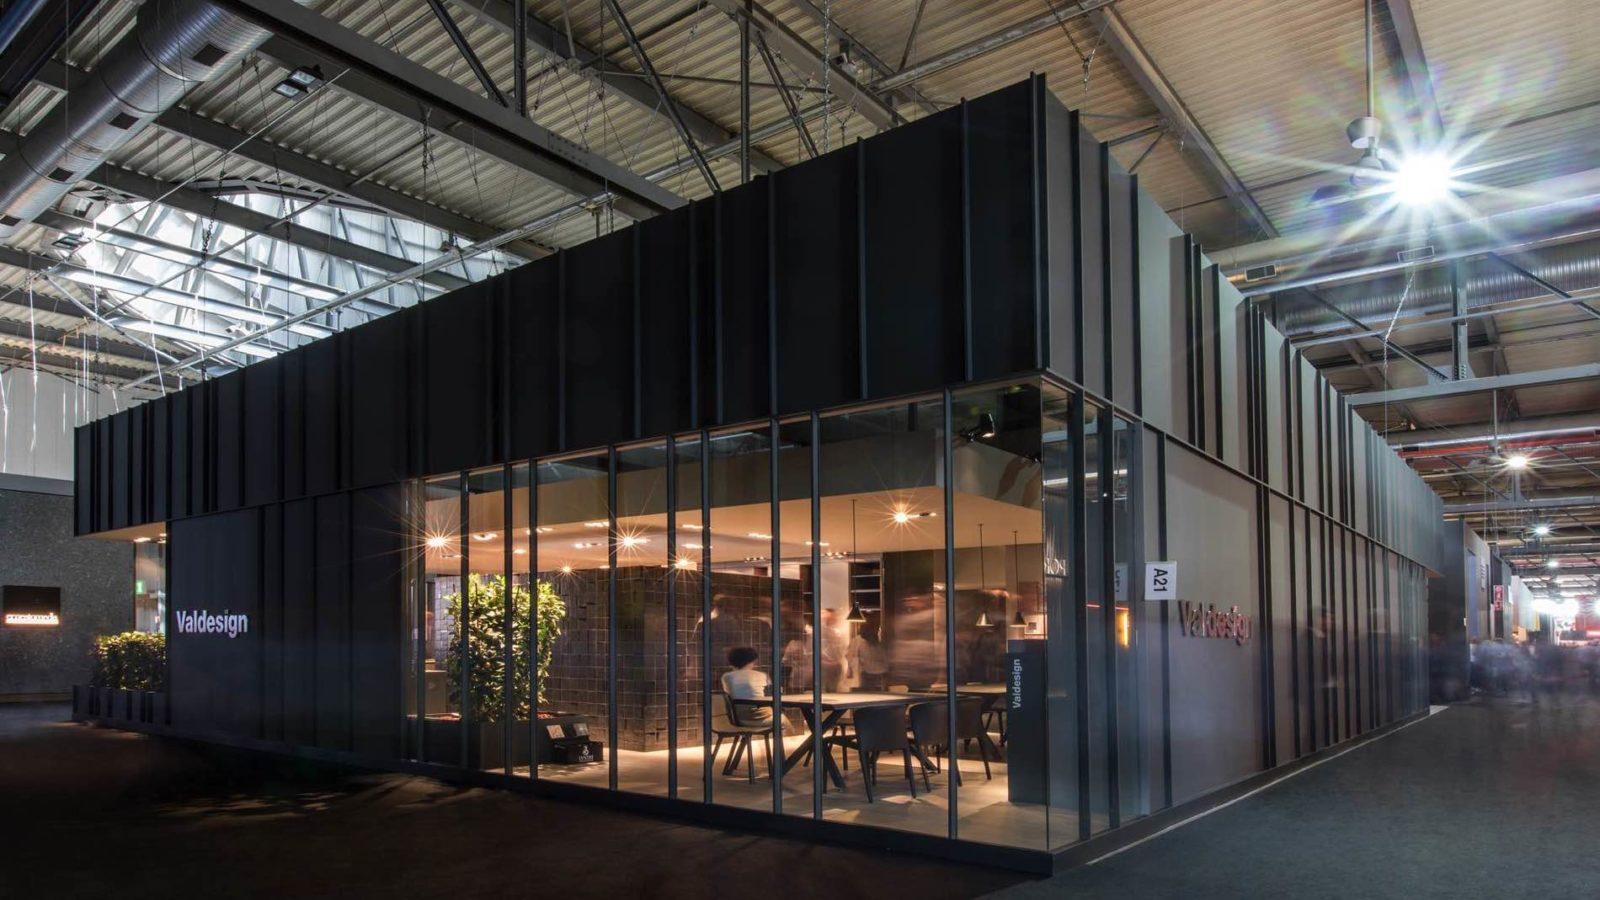 Bottega - Dettaglio allestimento stand Valdesign per l'edizione 2018 del Salone del mobile di Milano